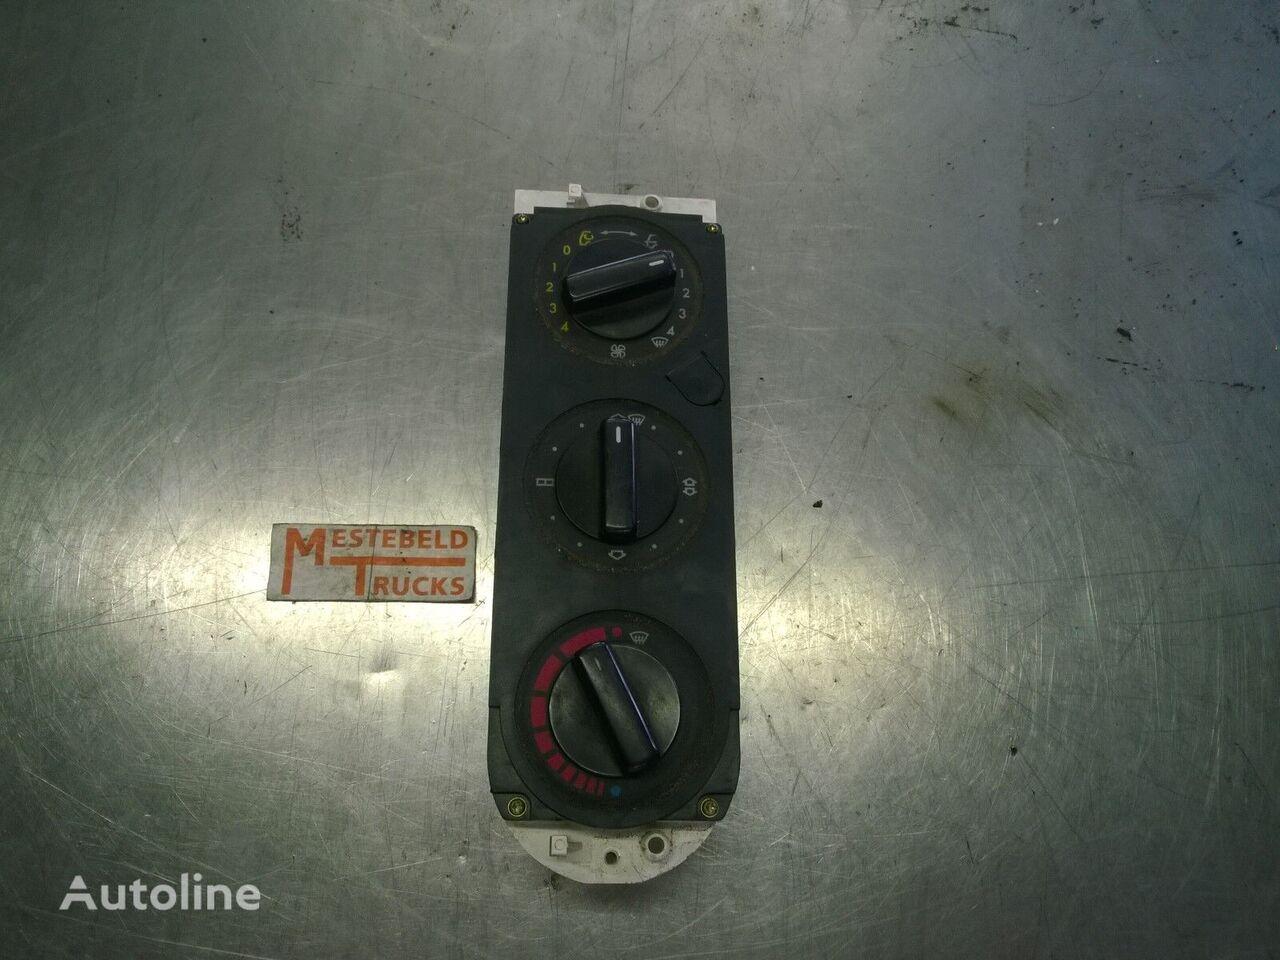 MERCEDES-BENZ Kachelregelunit kamyon için Kachelregelunit cihaz paneli